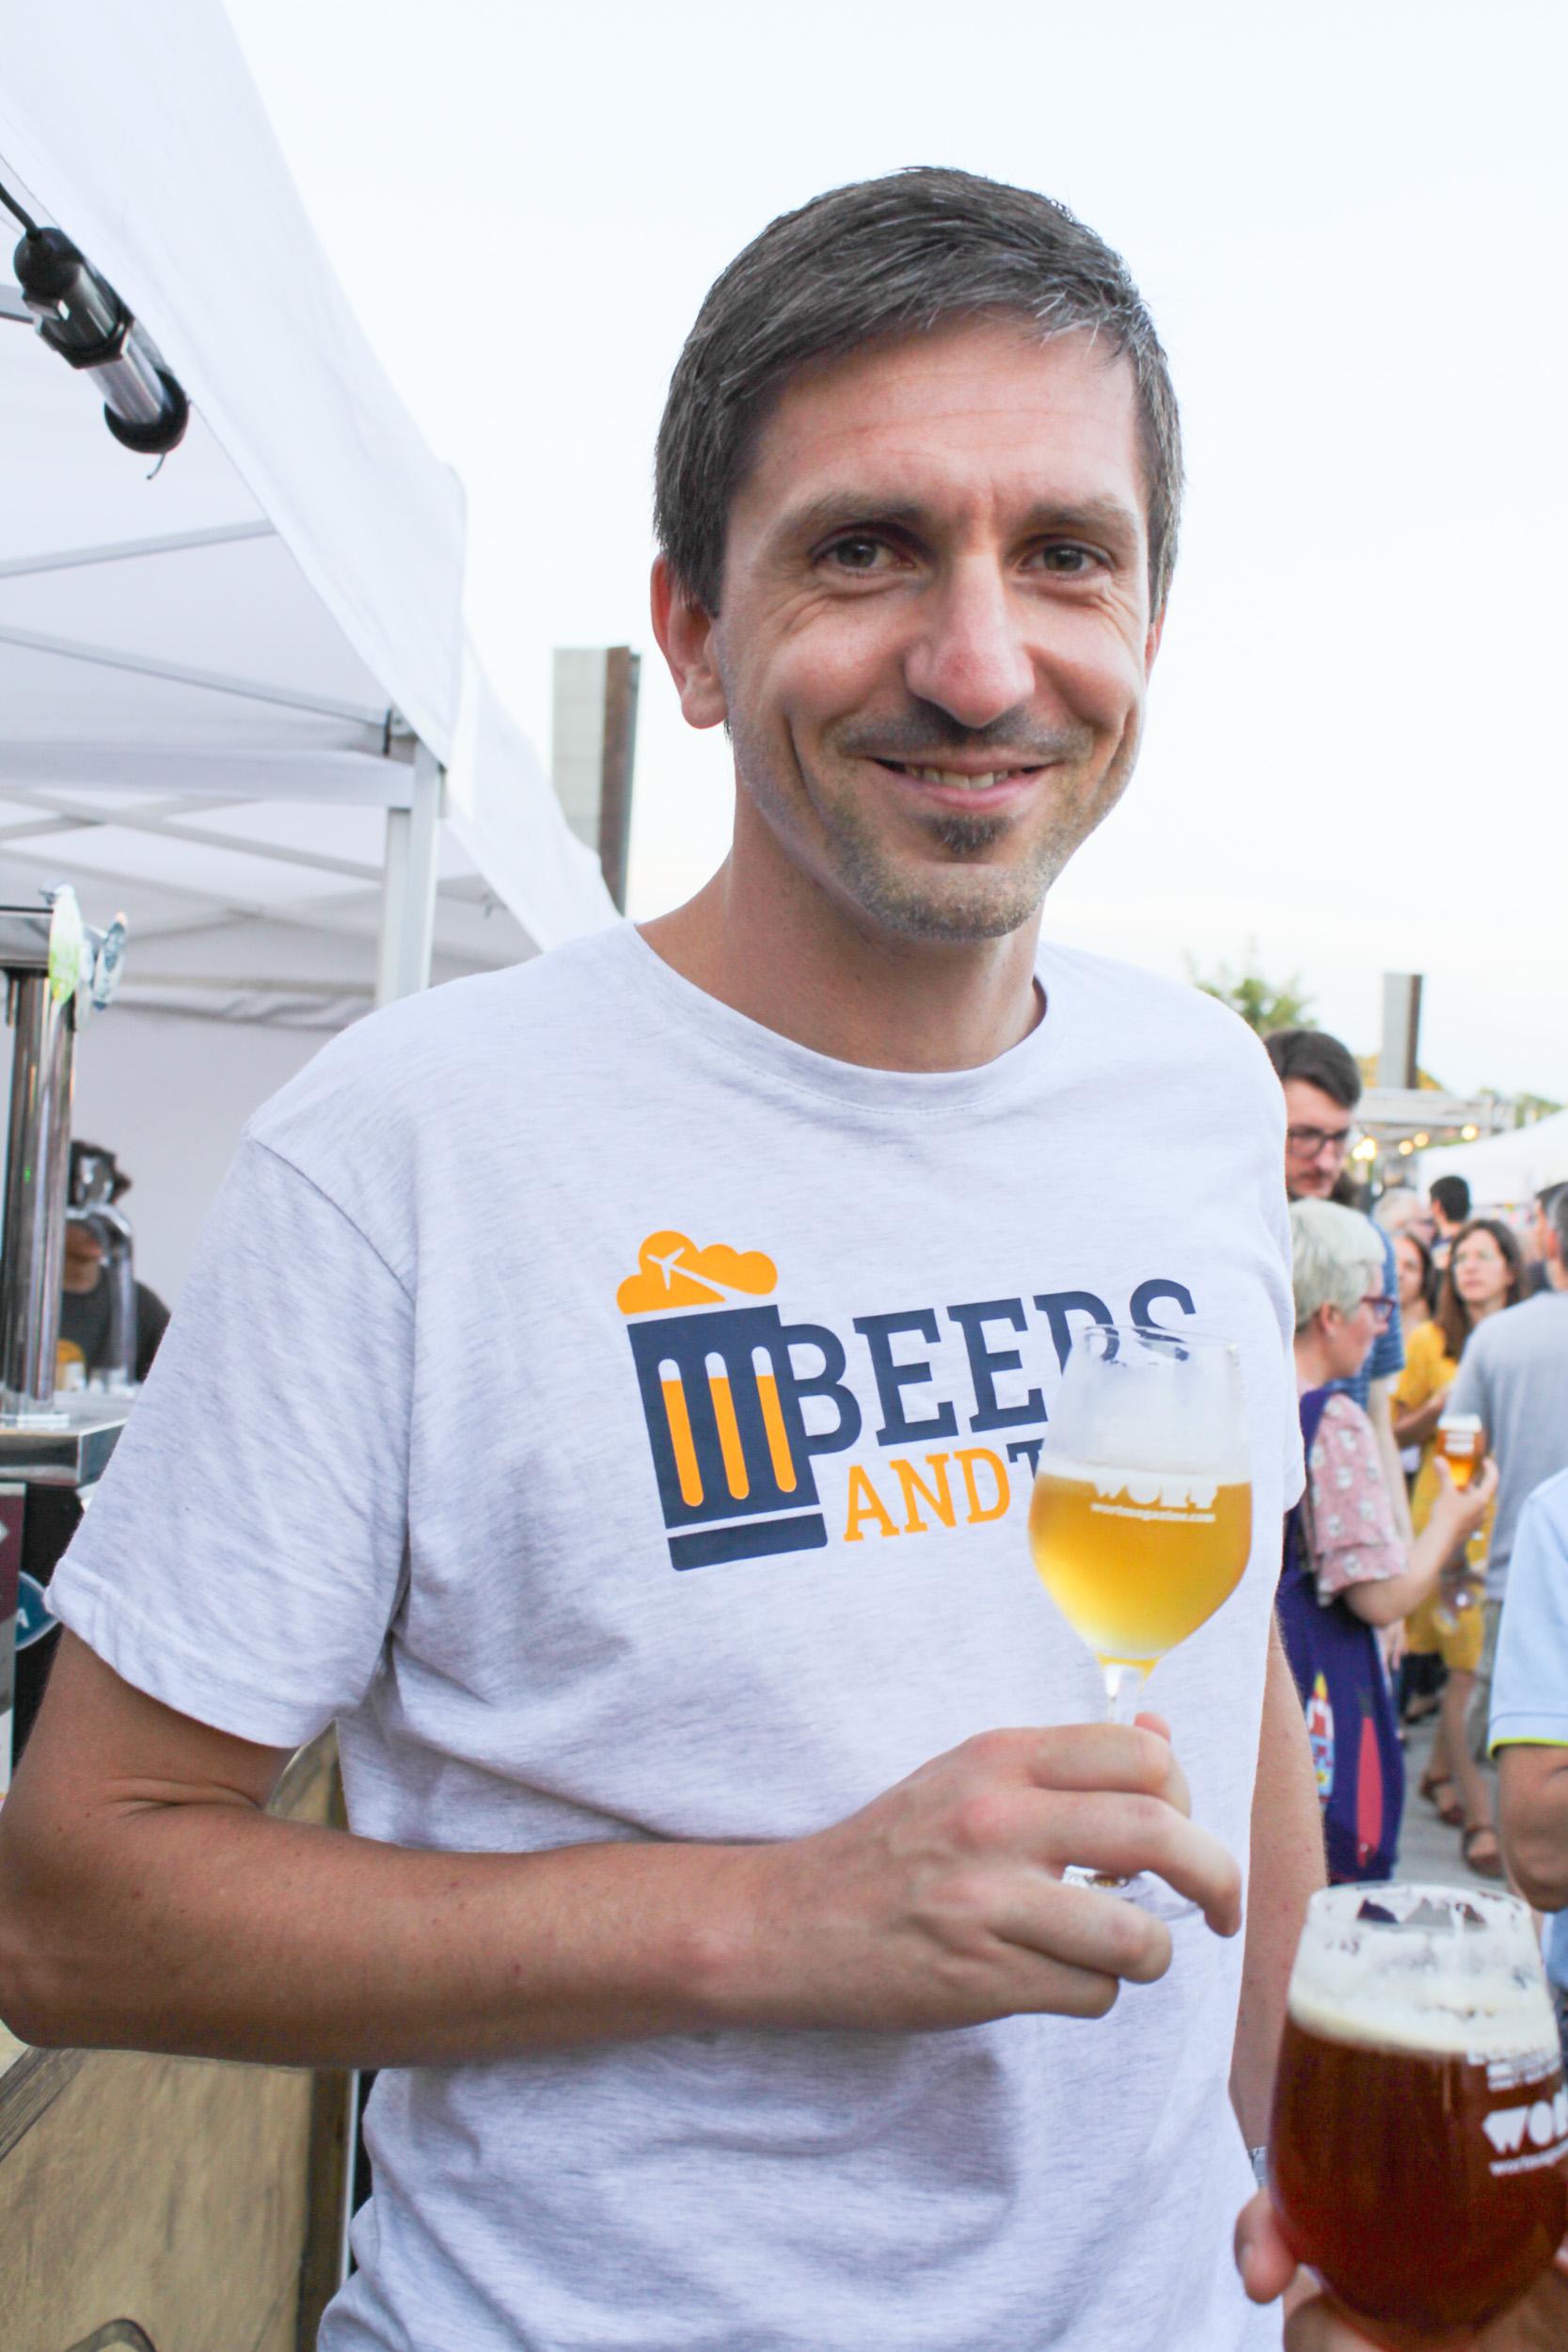 https://www.beersandtrips.com/wp-content/uploads/2018/07/dani_beers-1.jpg